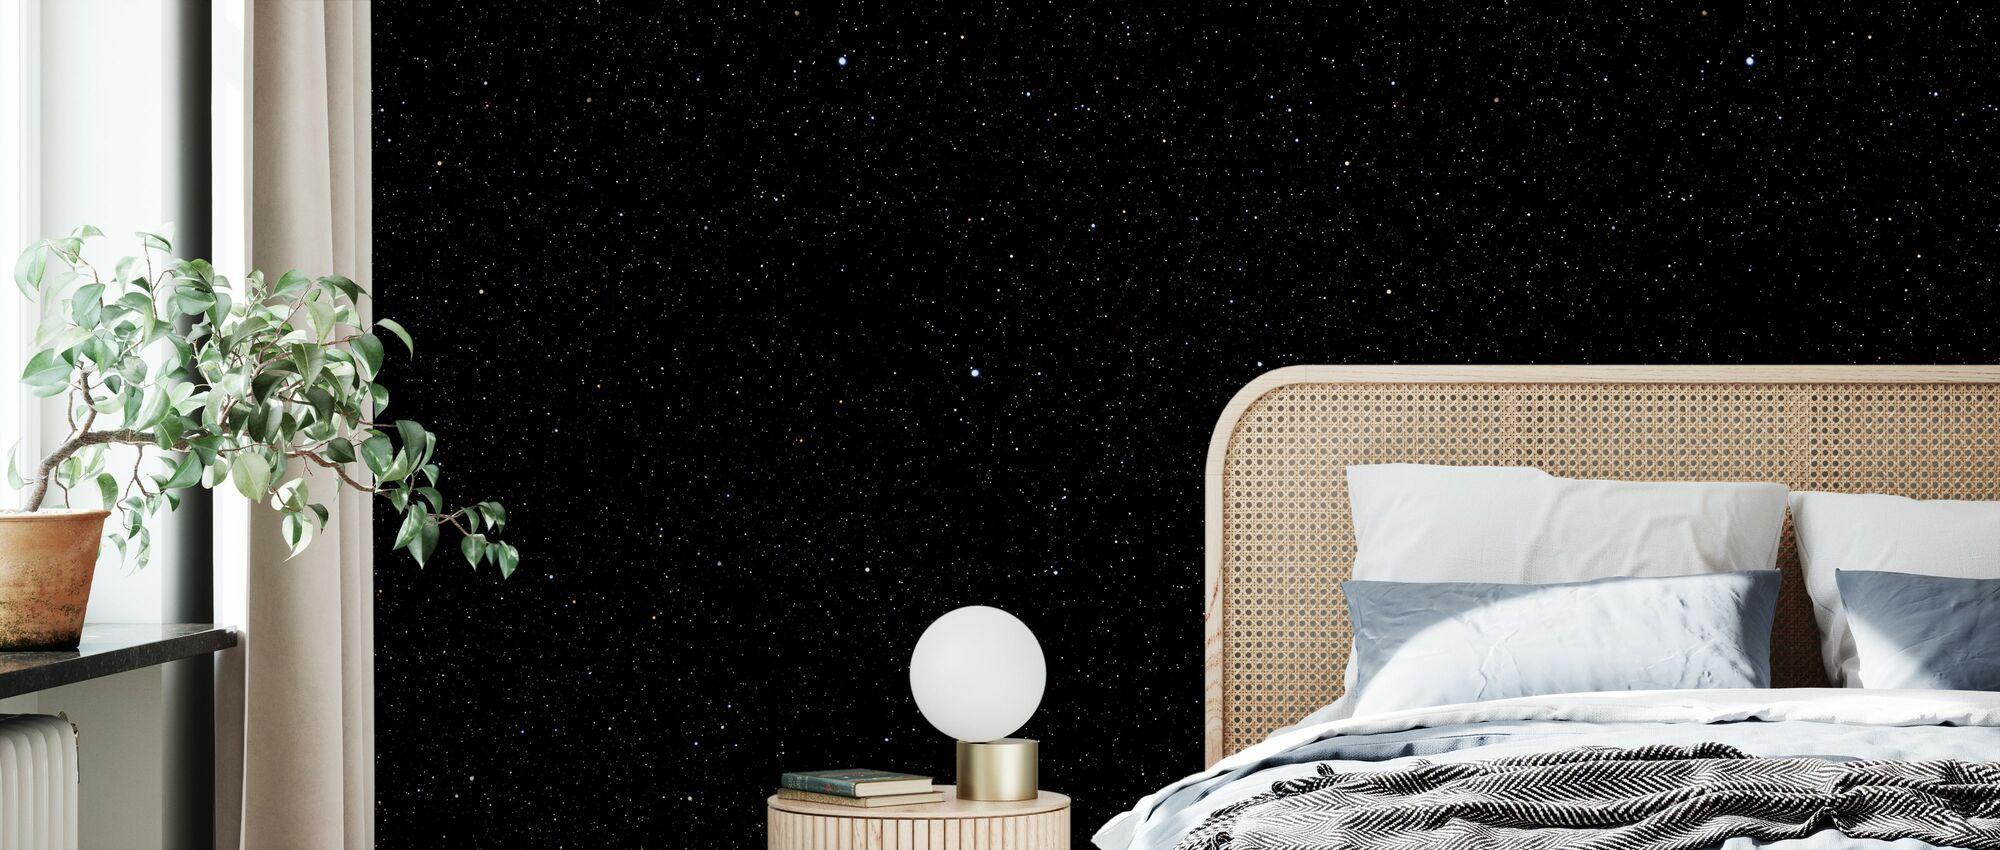 Star Blasts - Wallpaper - Bedroom